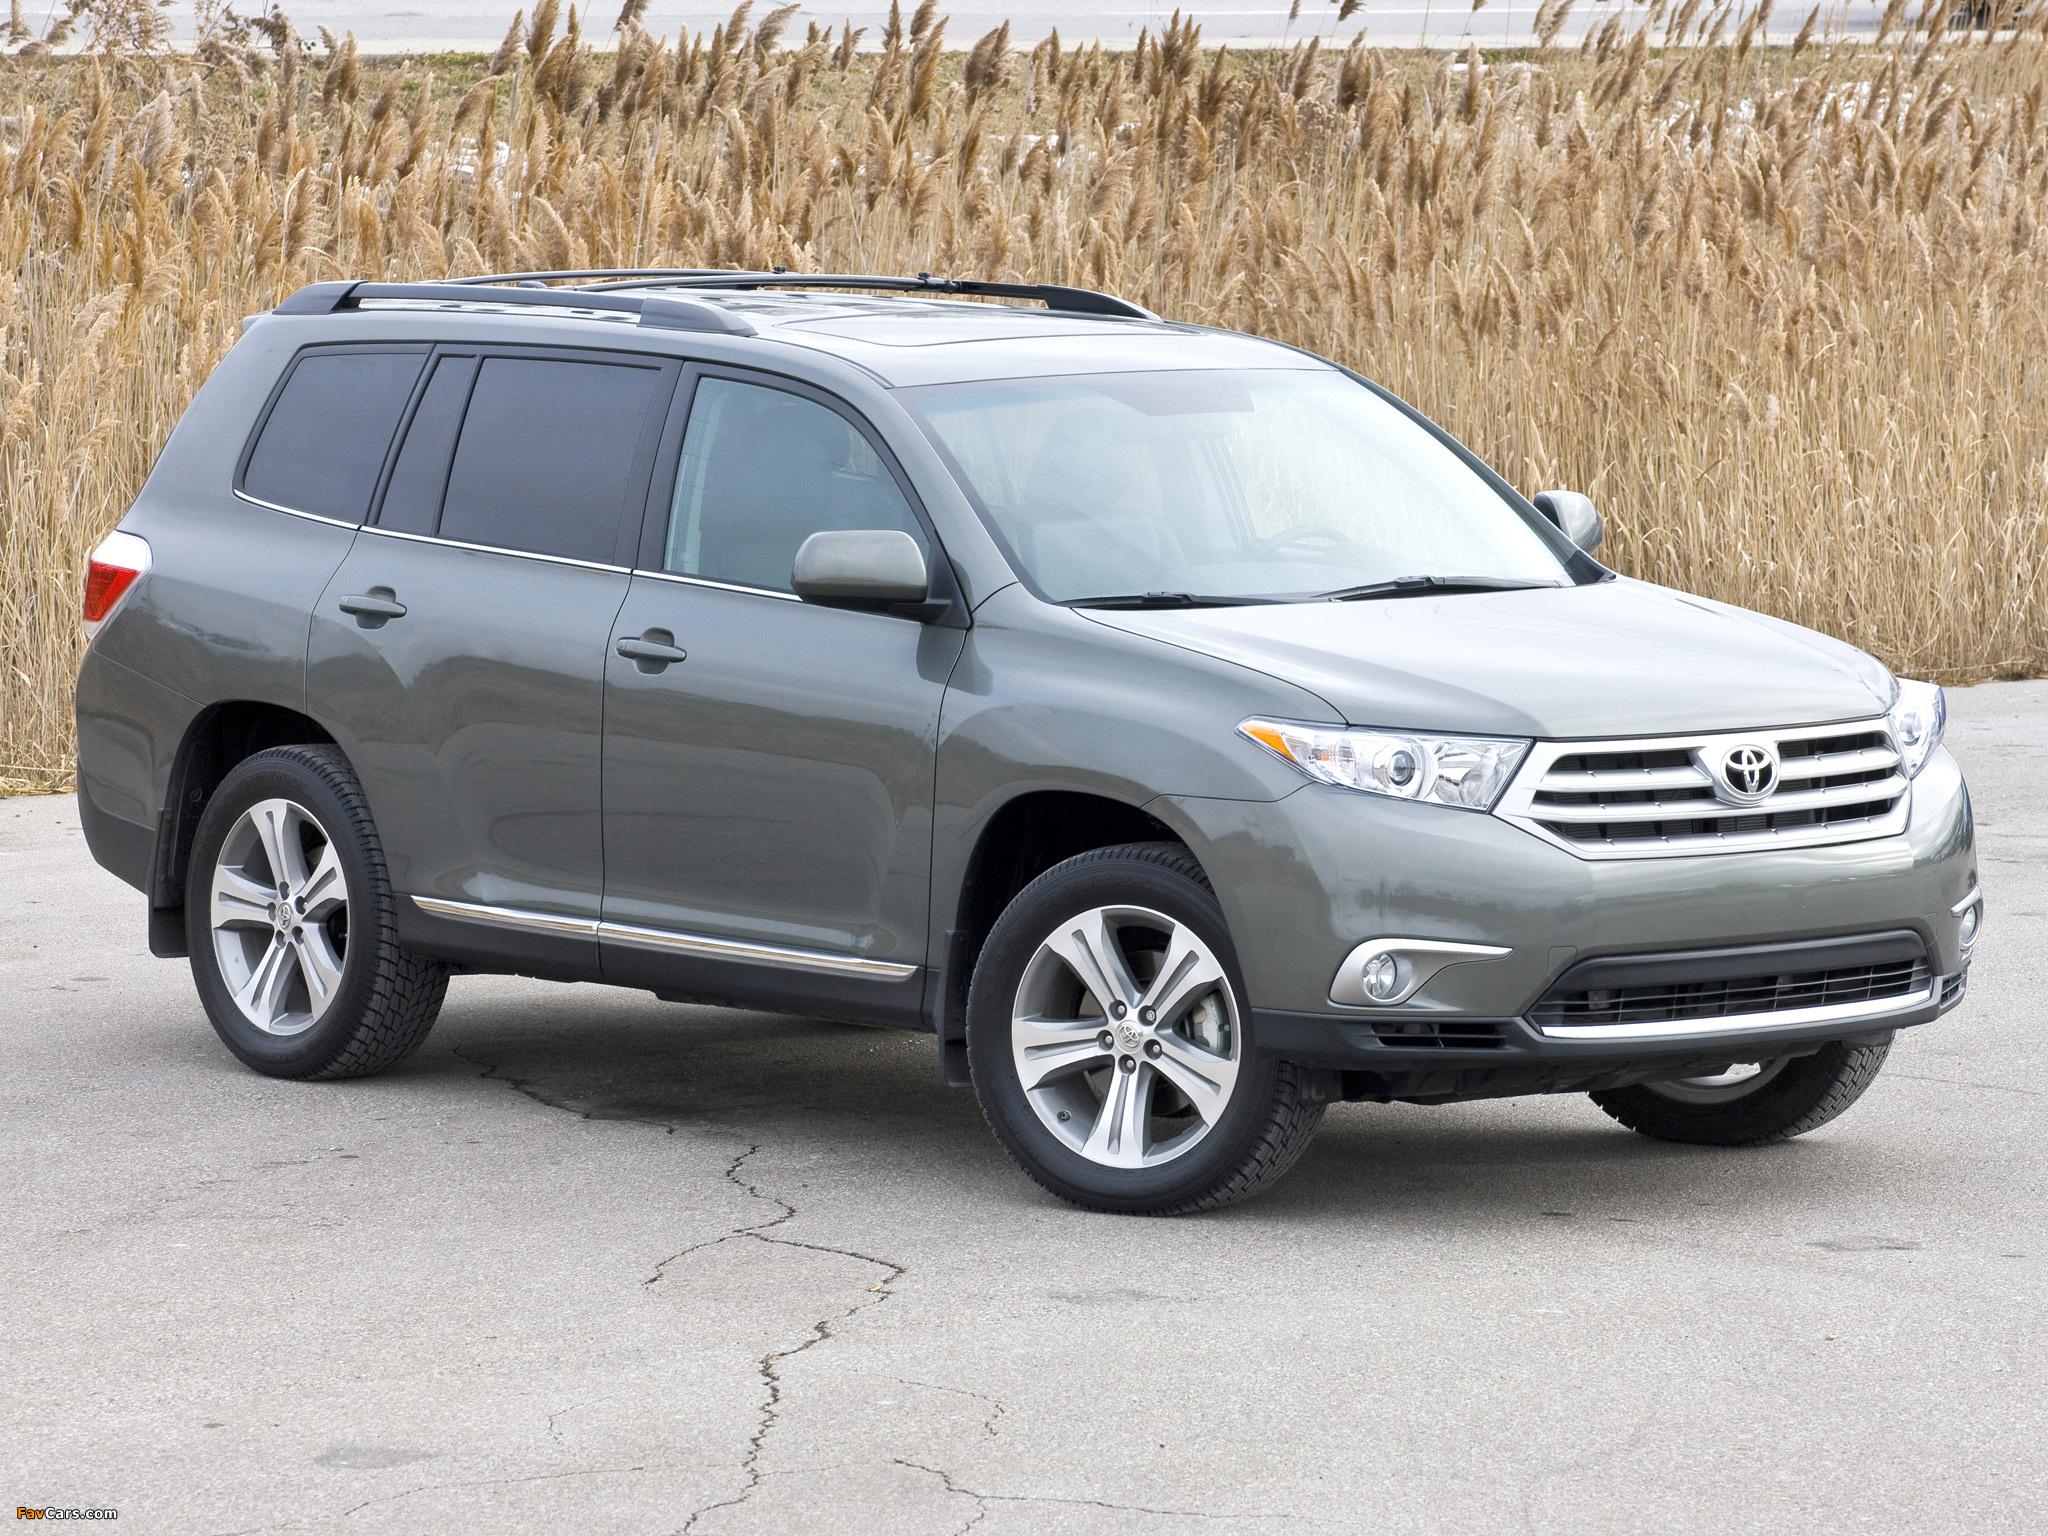 Toyota Highlander 2010 Images 2048x1536